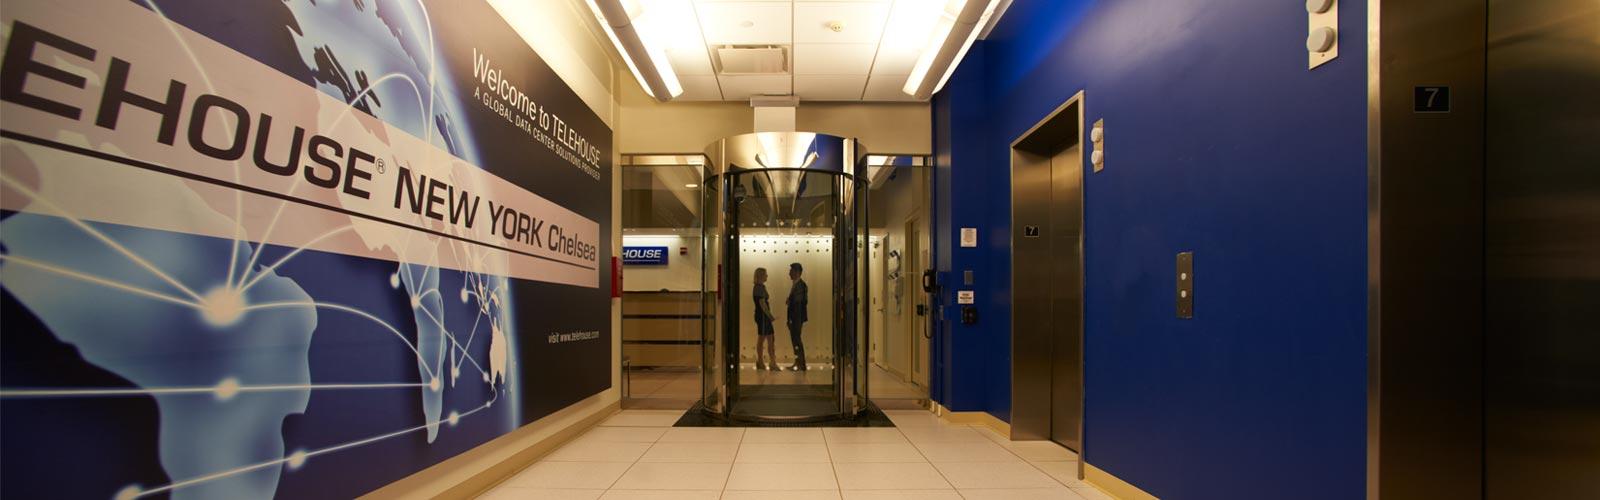 Telehouse - Chelsea New York Data Center